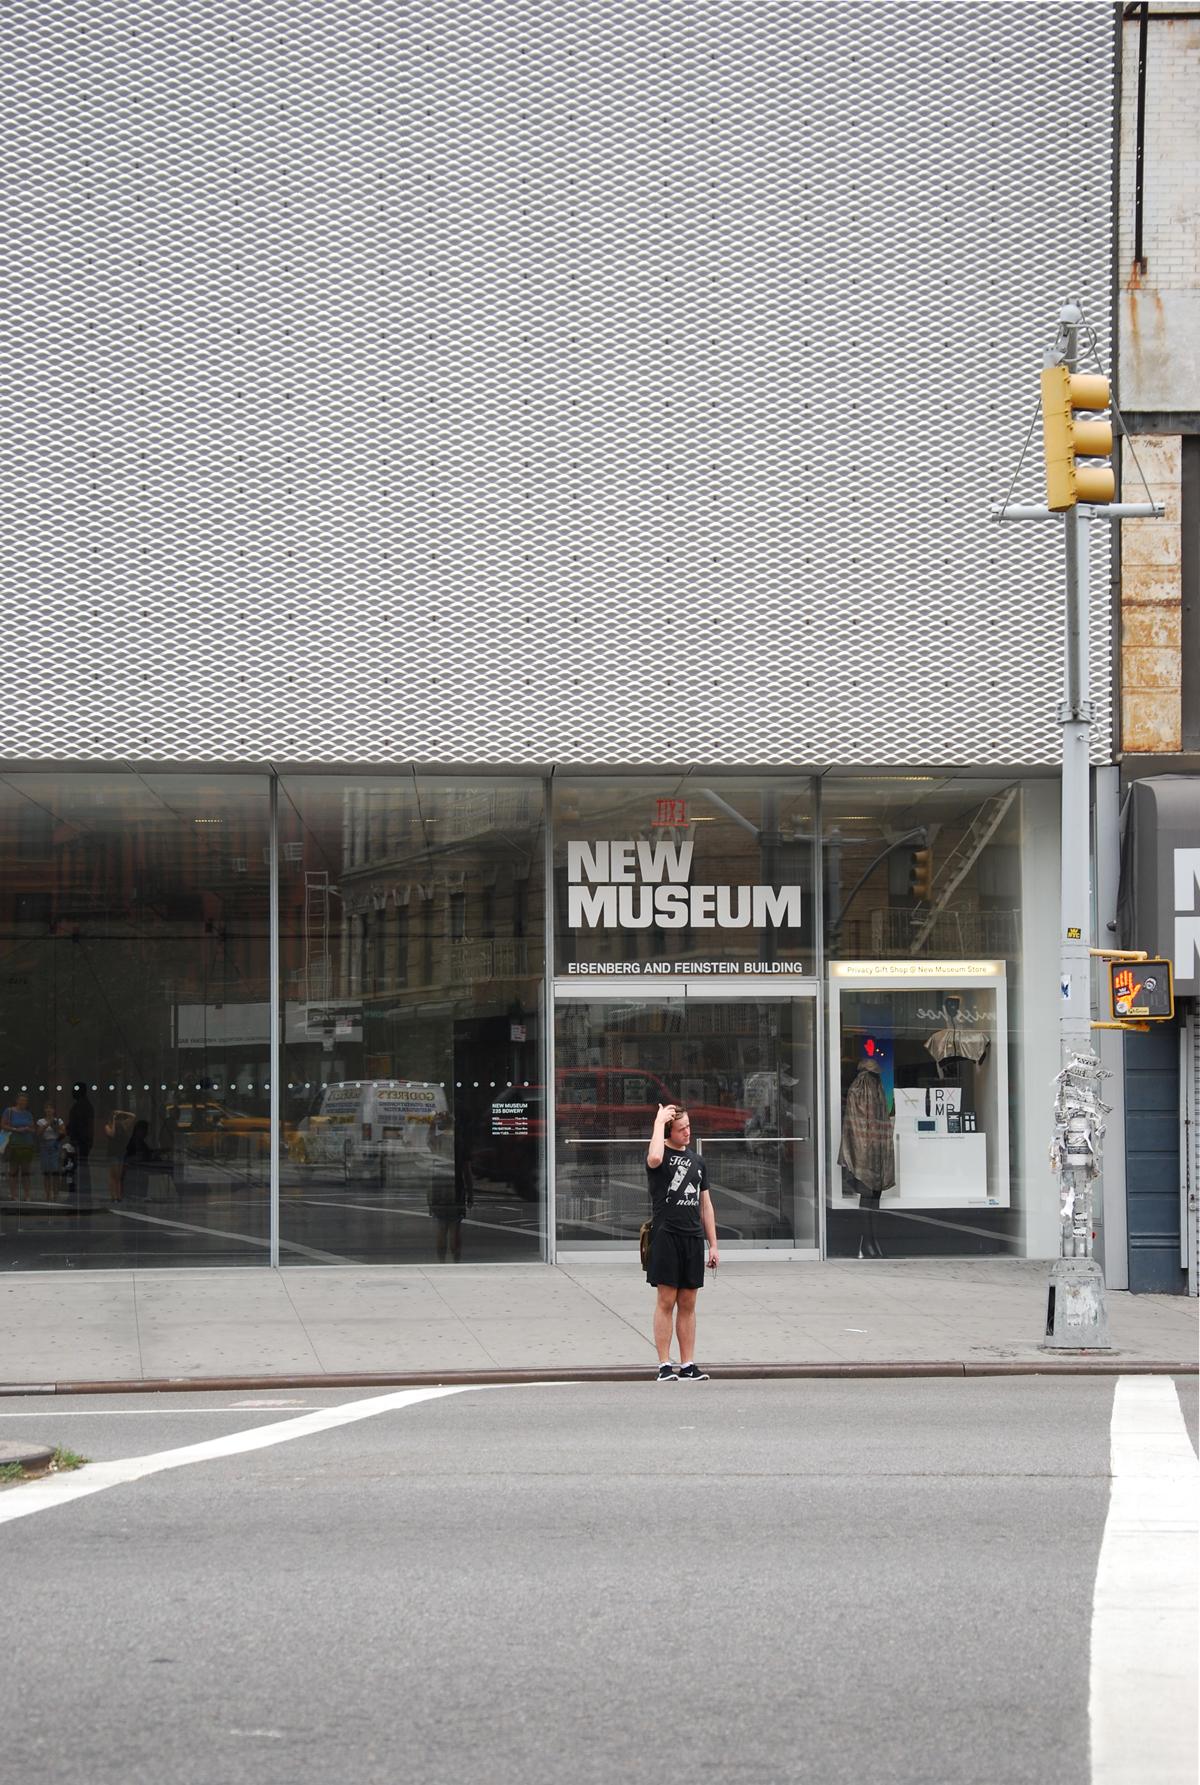 New-Museum-NY-Sanaa